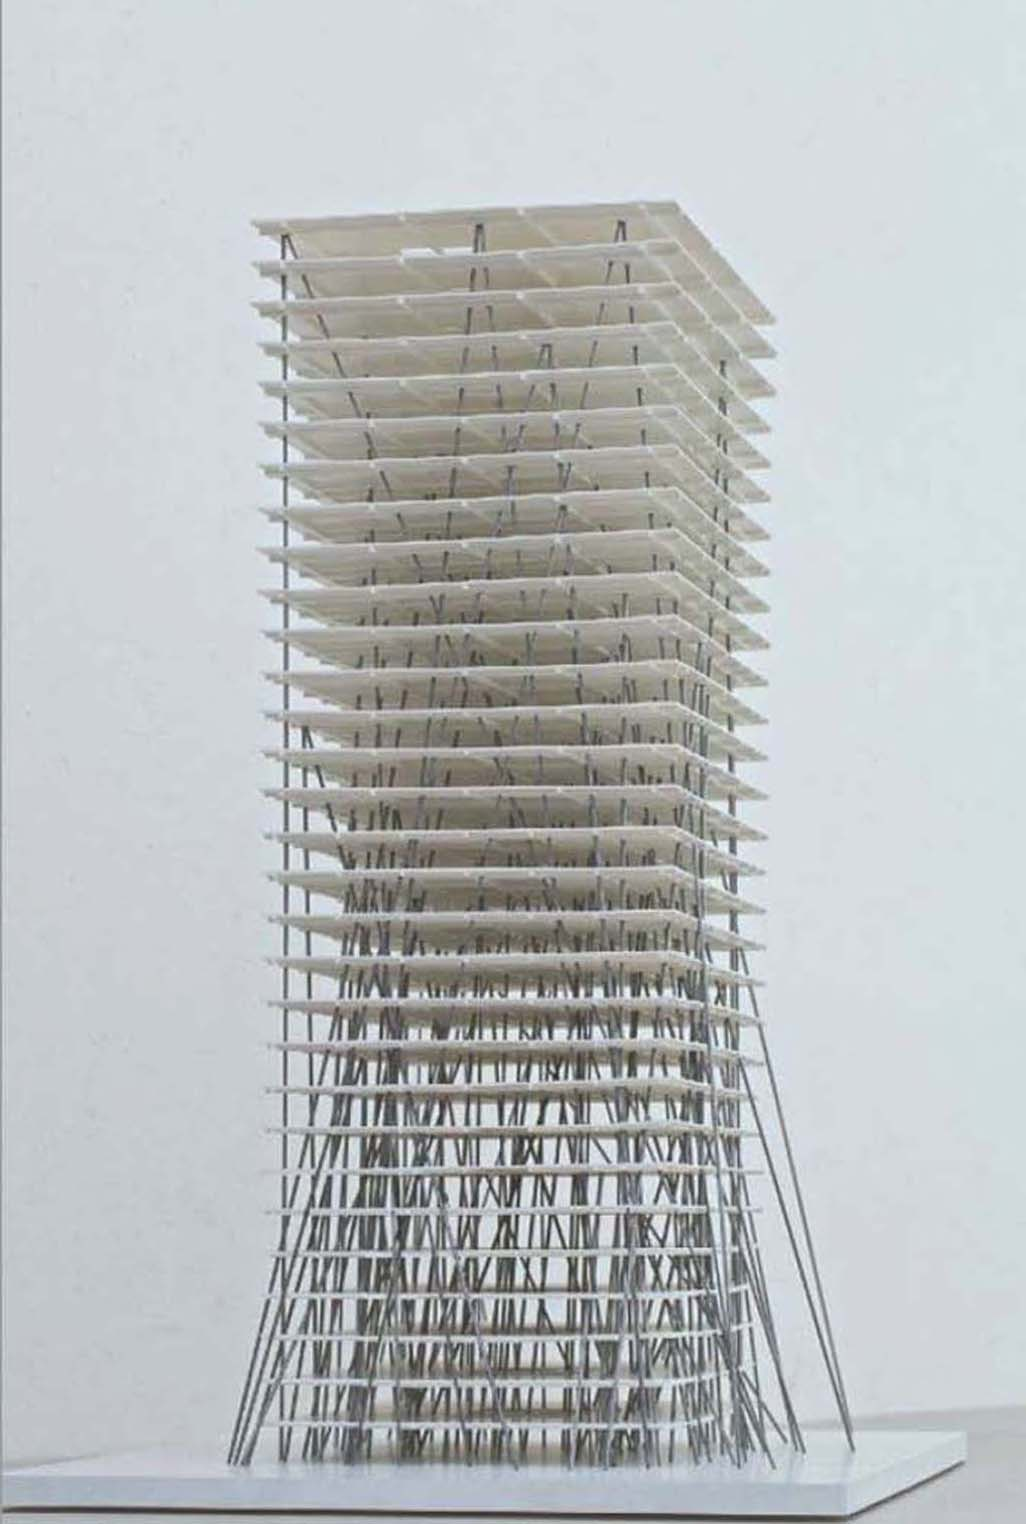 Christian kerez en conf rence l acad mie d architecture - Academie d architecture ...